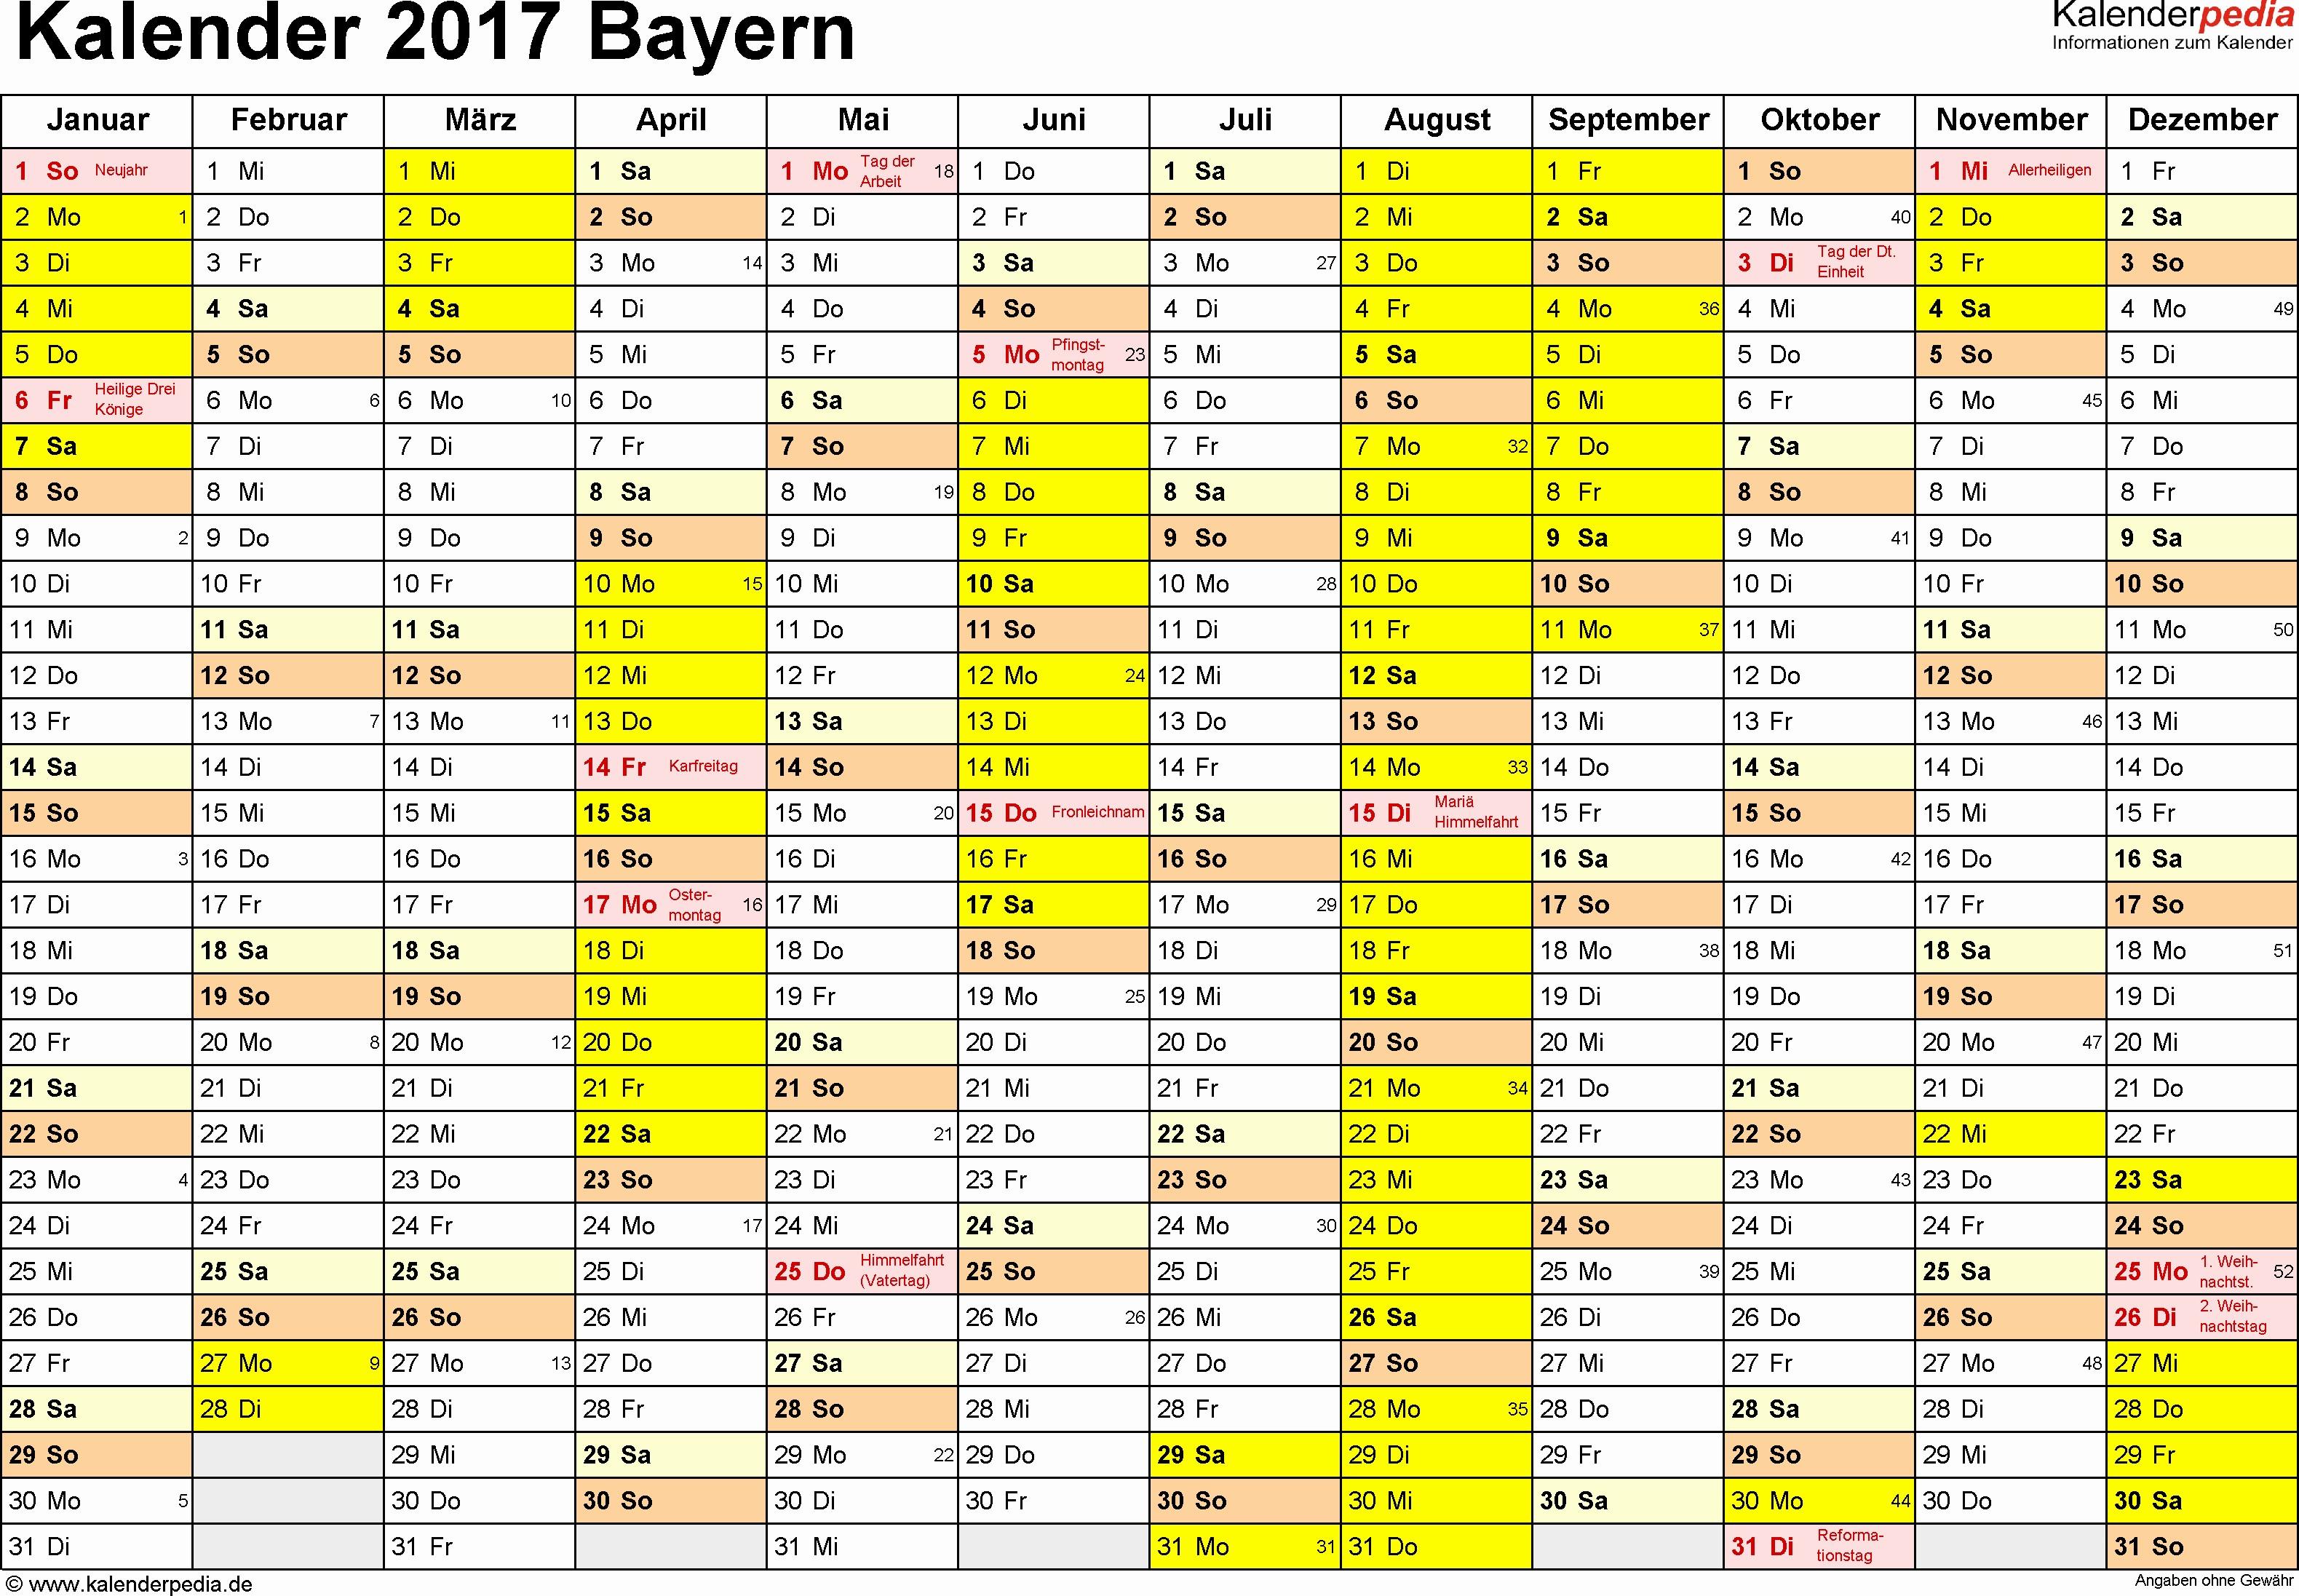 Kalender 2016 Mit Feiertagen Sachsen Neu Kalender 2017 Bayern Ferien Feiertage Word Vorlagen